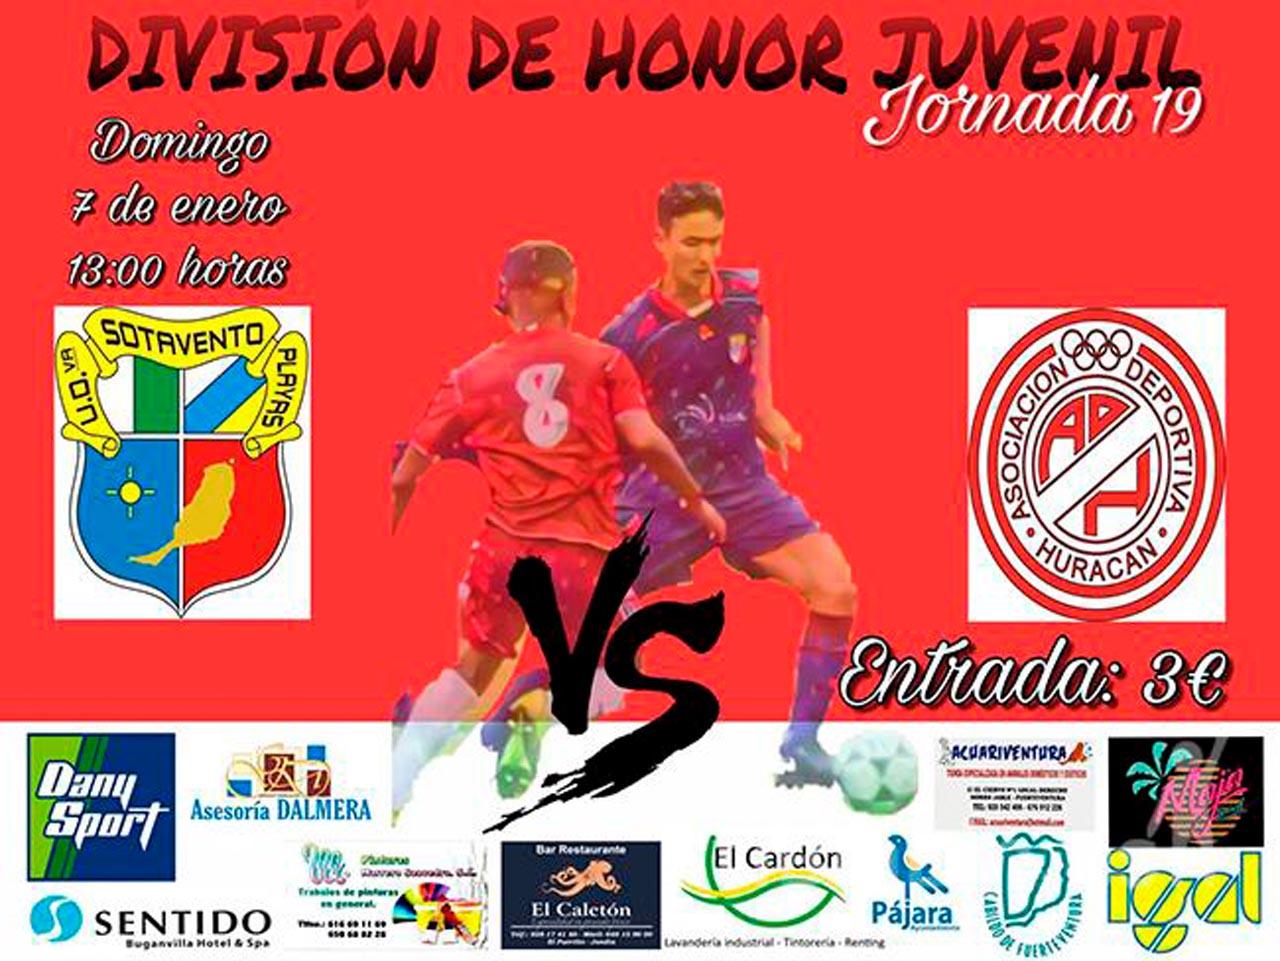 Cartel Sotavento – Huracán (División de honor juvenil)